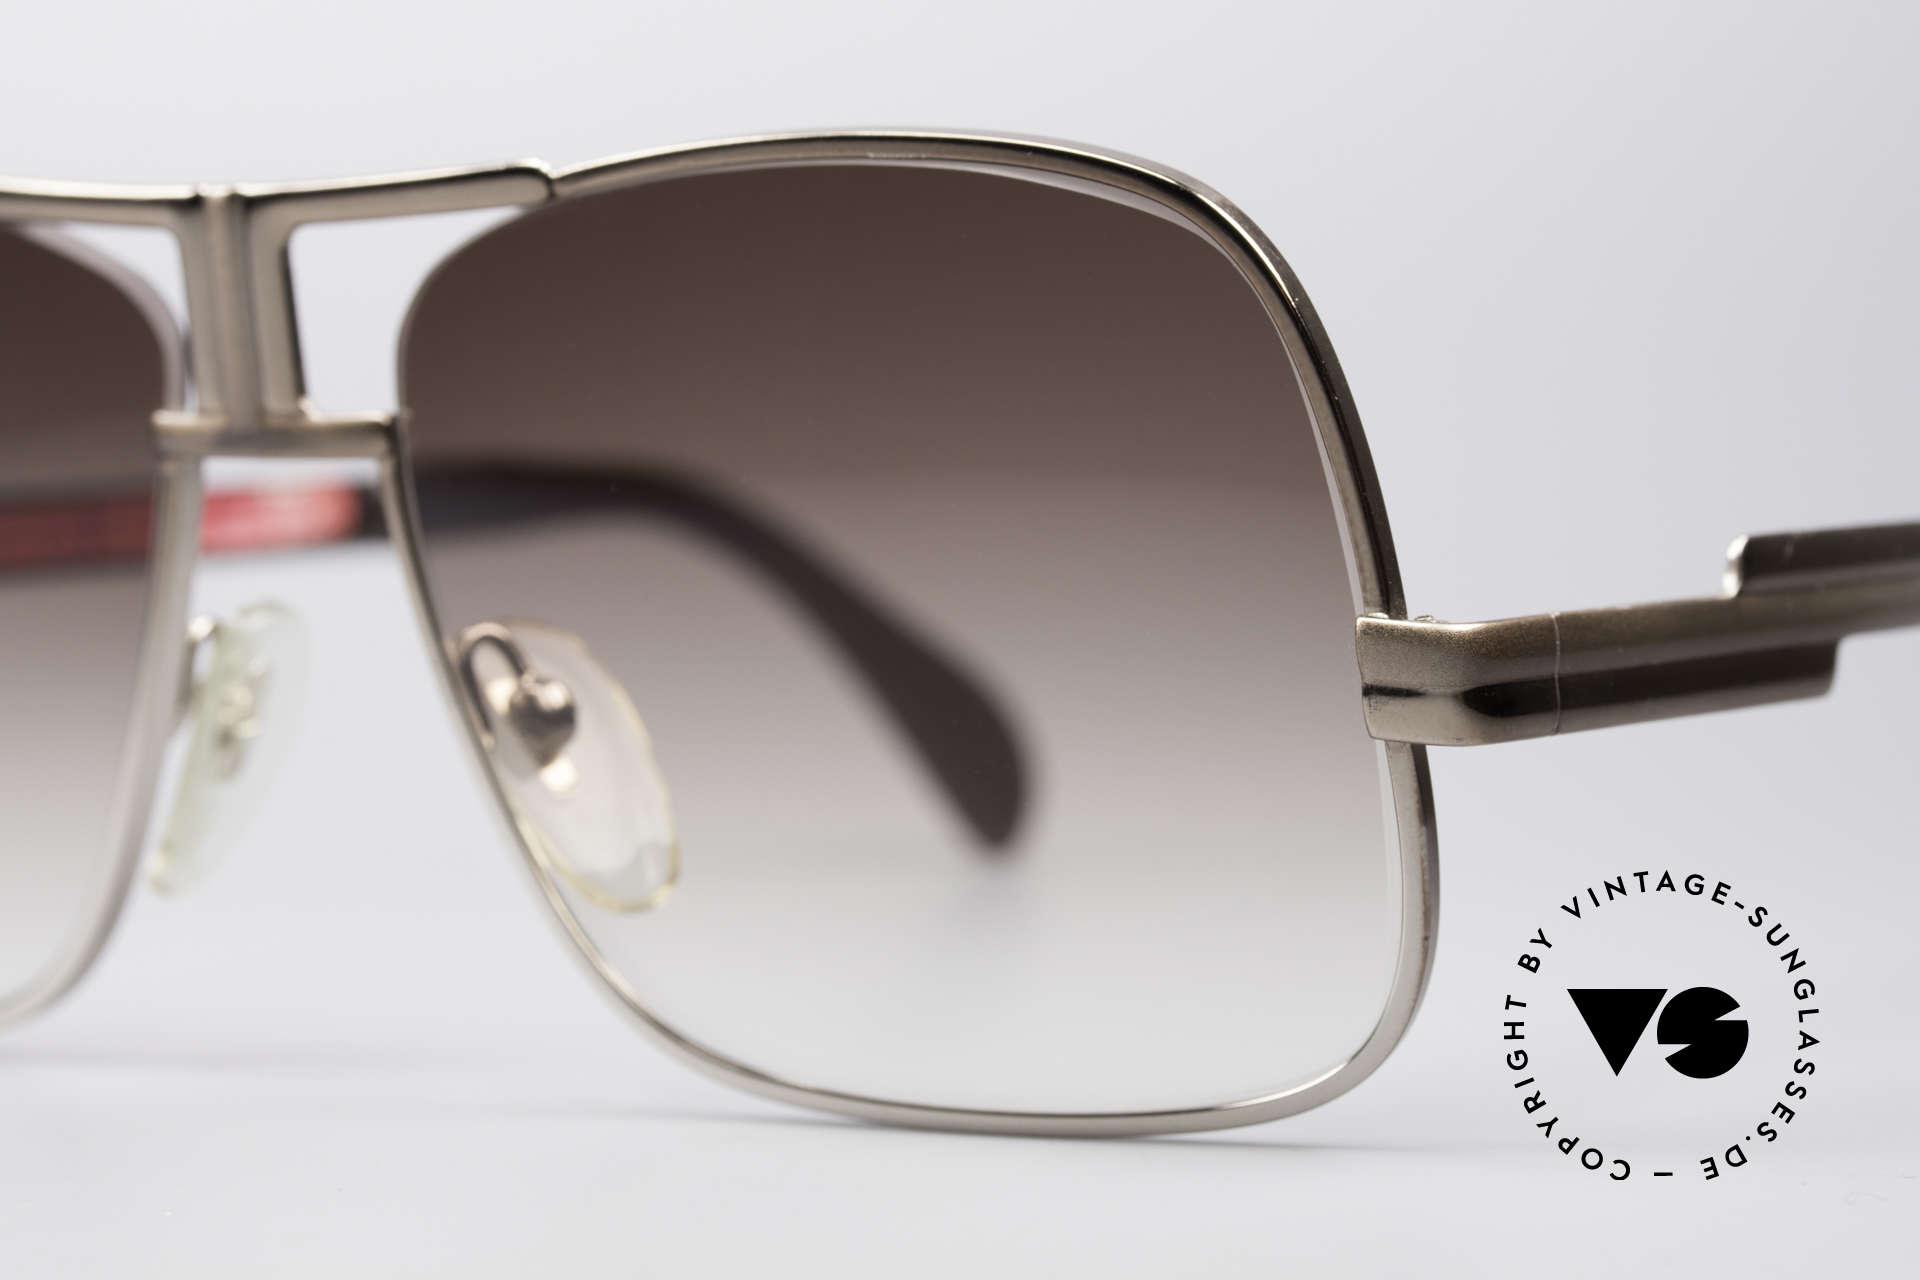 Cazal 701 Ultra Seltene 70er Sonnenbrille, Top-Qualität: gemacht, um ein Leben lang zu halten, Passend für Herren